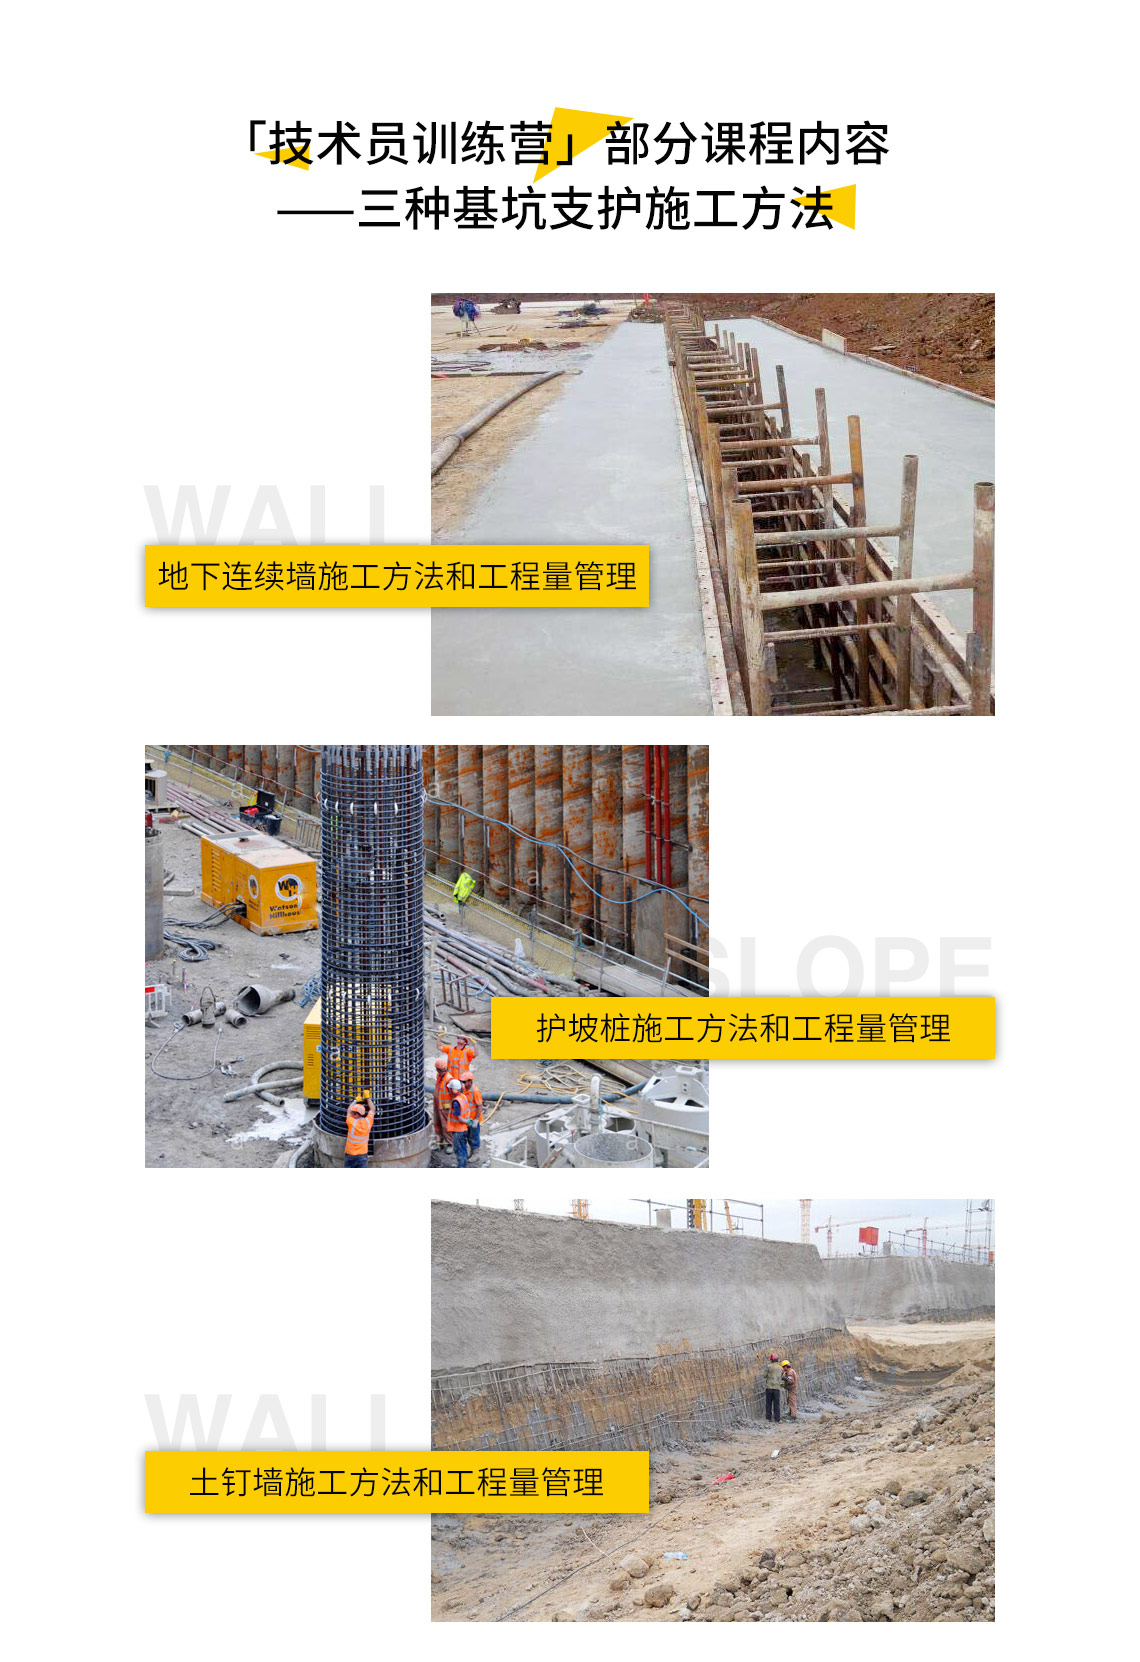 基坑支护、地下连续墙施工方法、地下连续墙工程量管理、护坡桩施工方法、护坡桩工程量管理、土钉墙施工方法、土钉墙工程量管理、房建施工技术员晋升训练营、土方工程